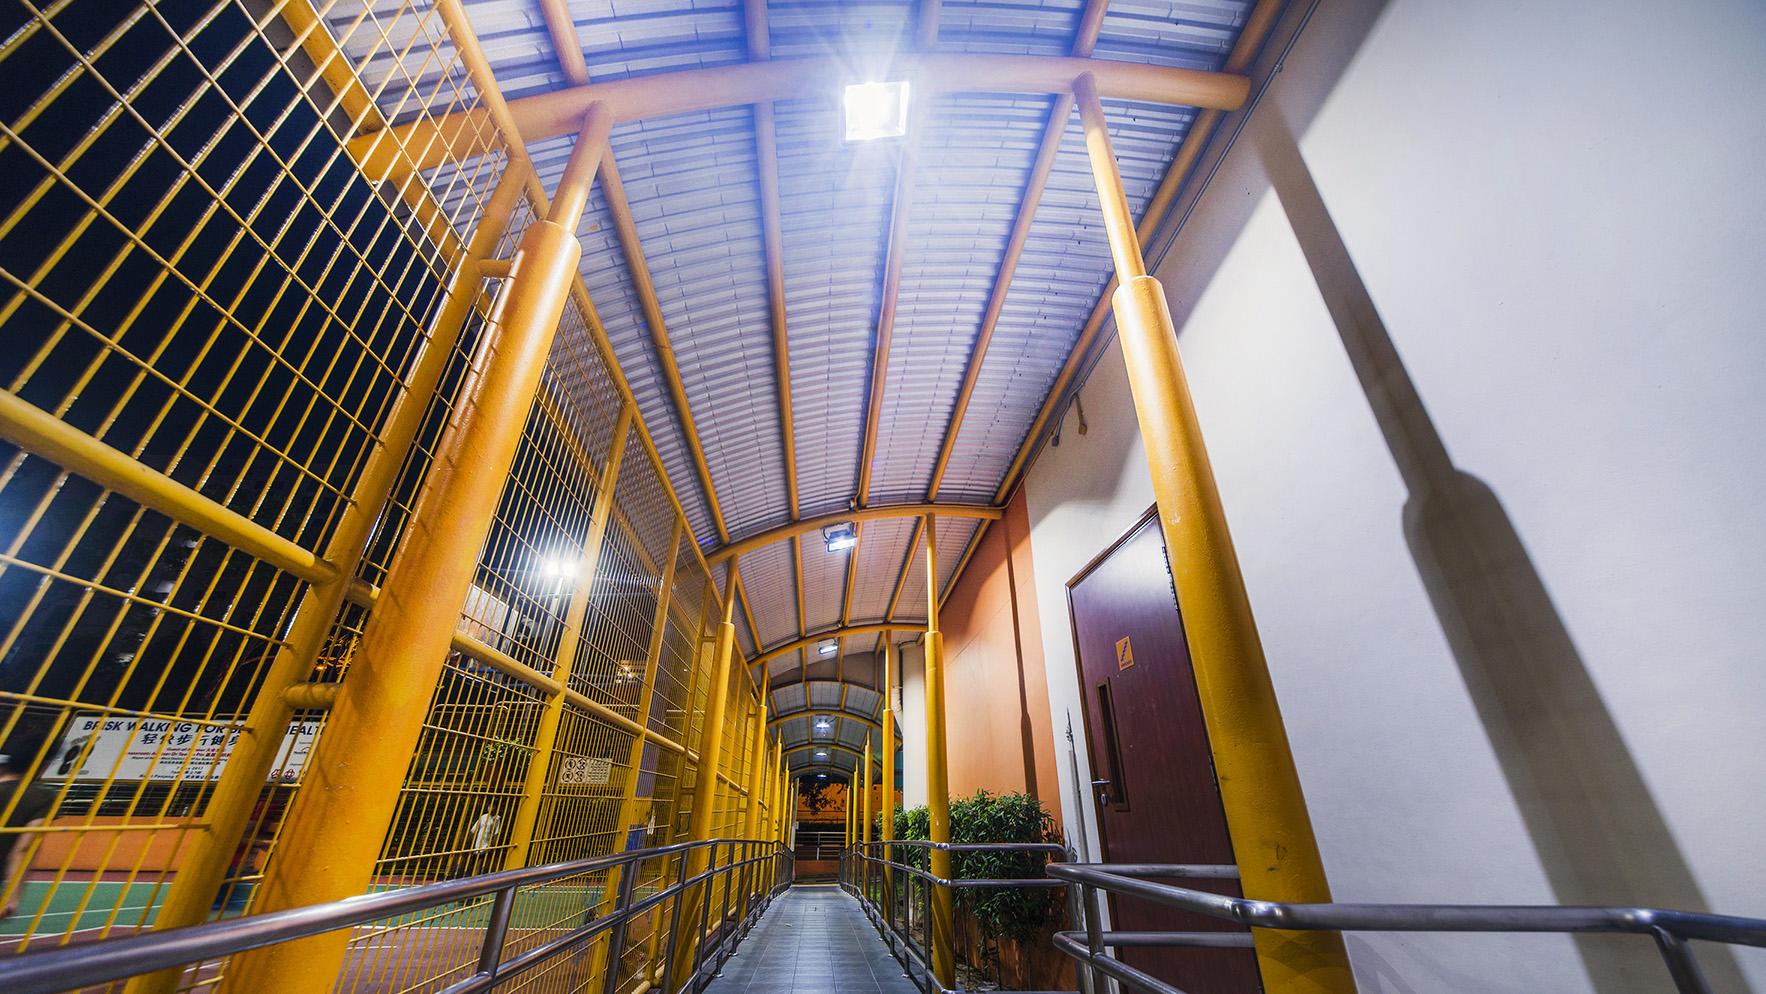 LED lighting Bukit Panjang CC